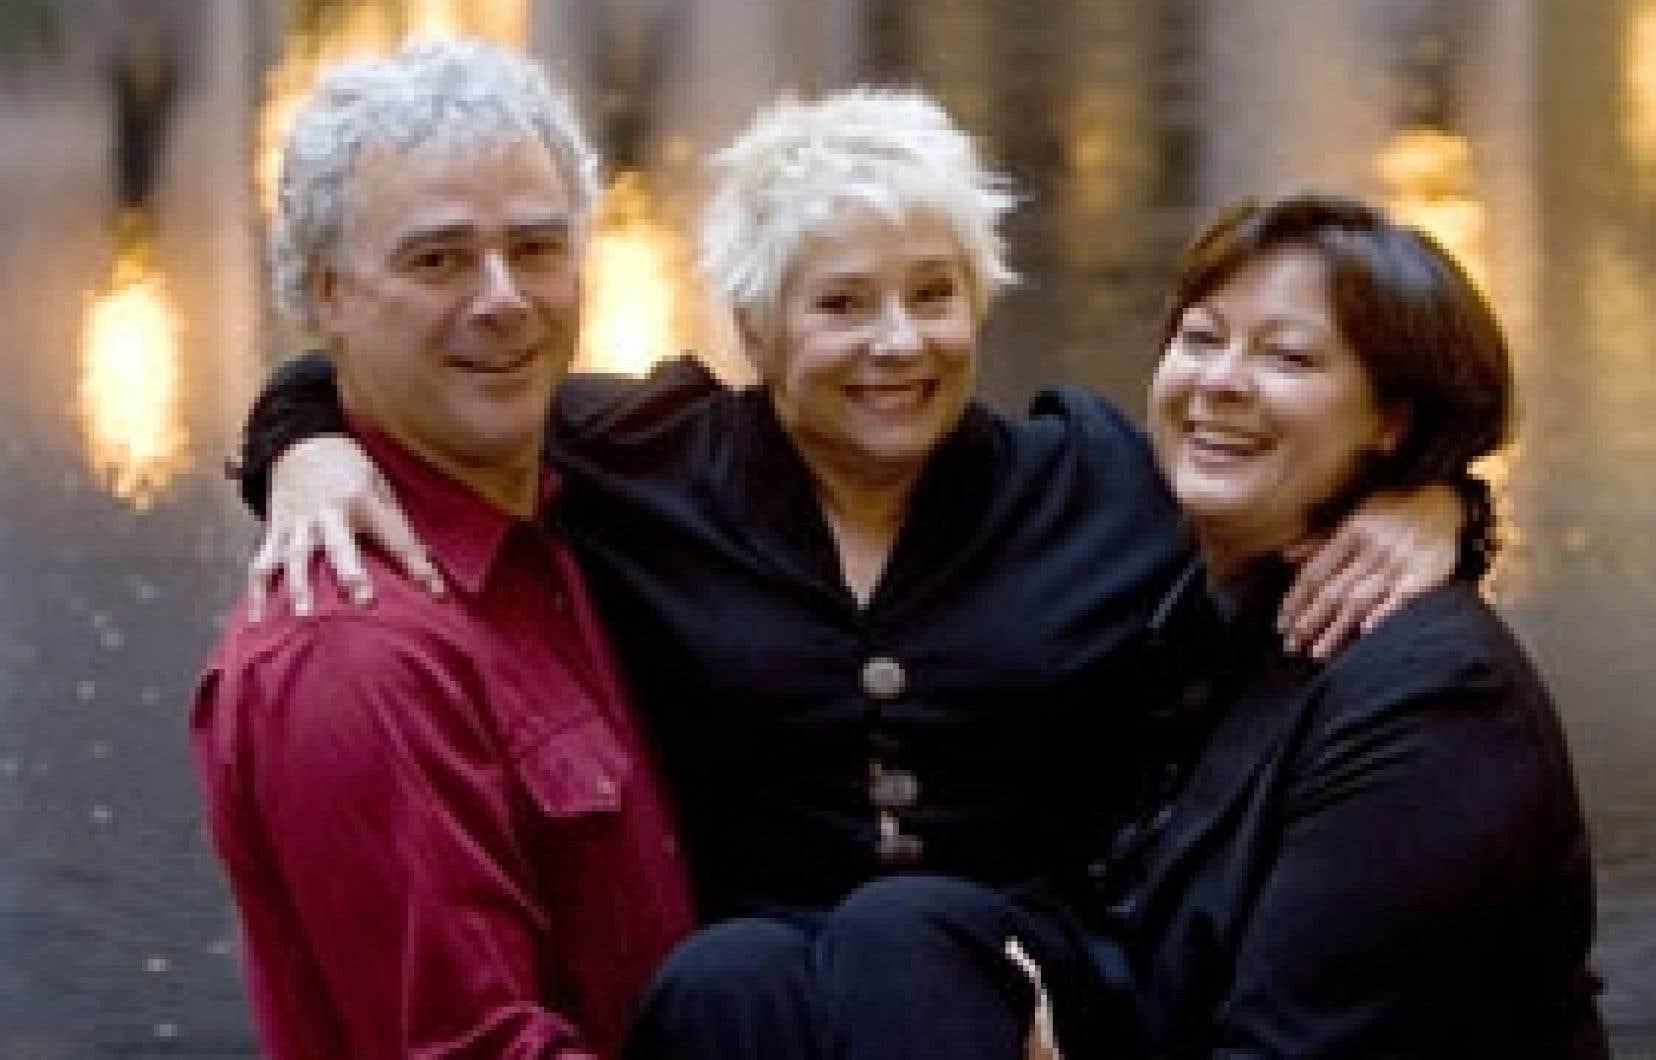 Jacques L'Heureux, Marie Eykel et Claire Pimparé, les trois comédiens qui ont marqué une génération complète d'enfants, lancent dans quelques jours le premier coffret DVD de Passe-Partout.